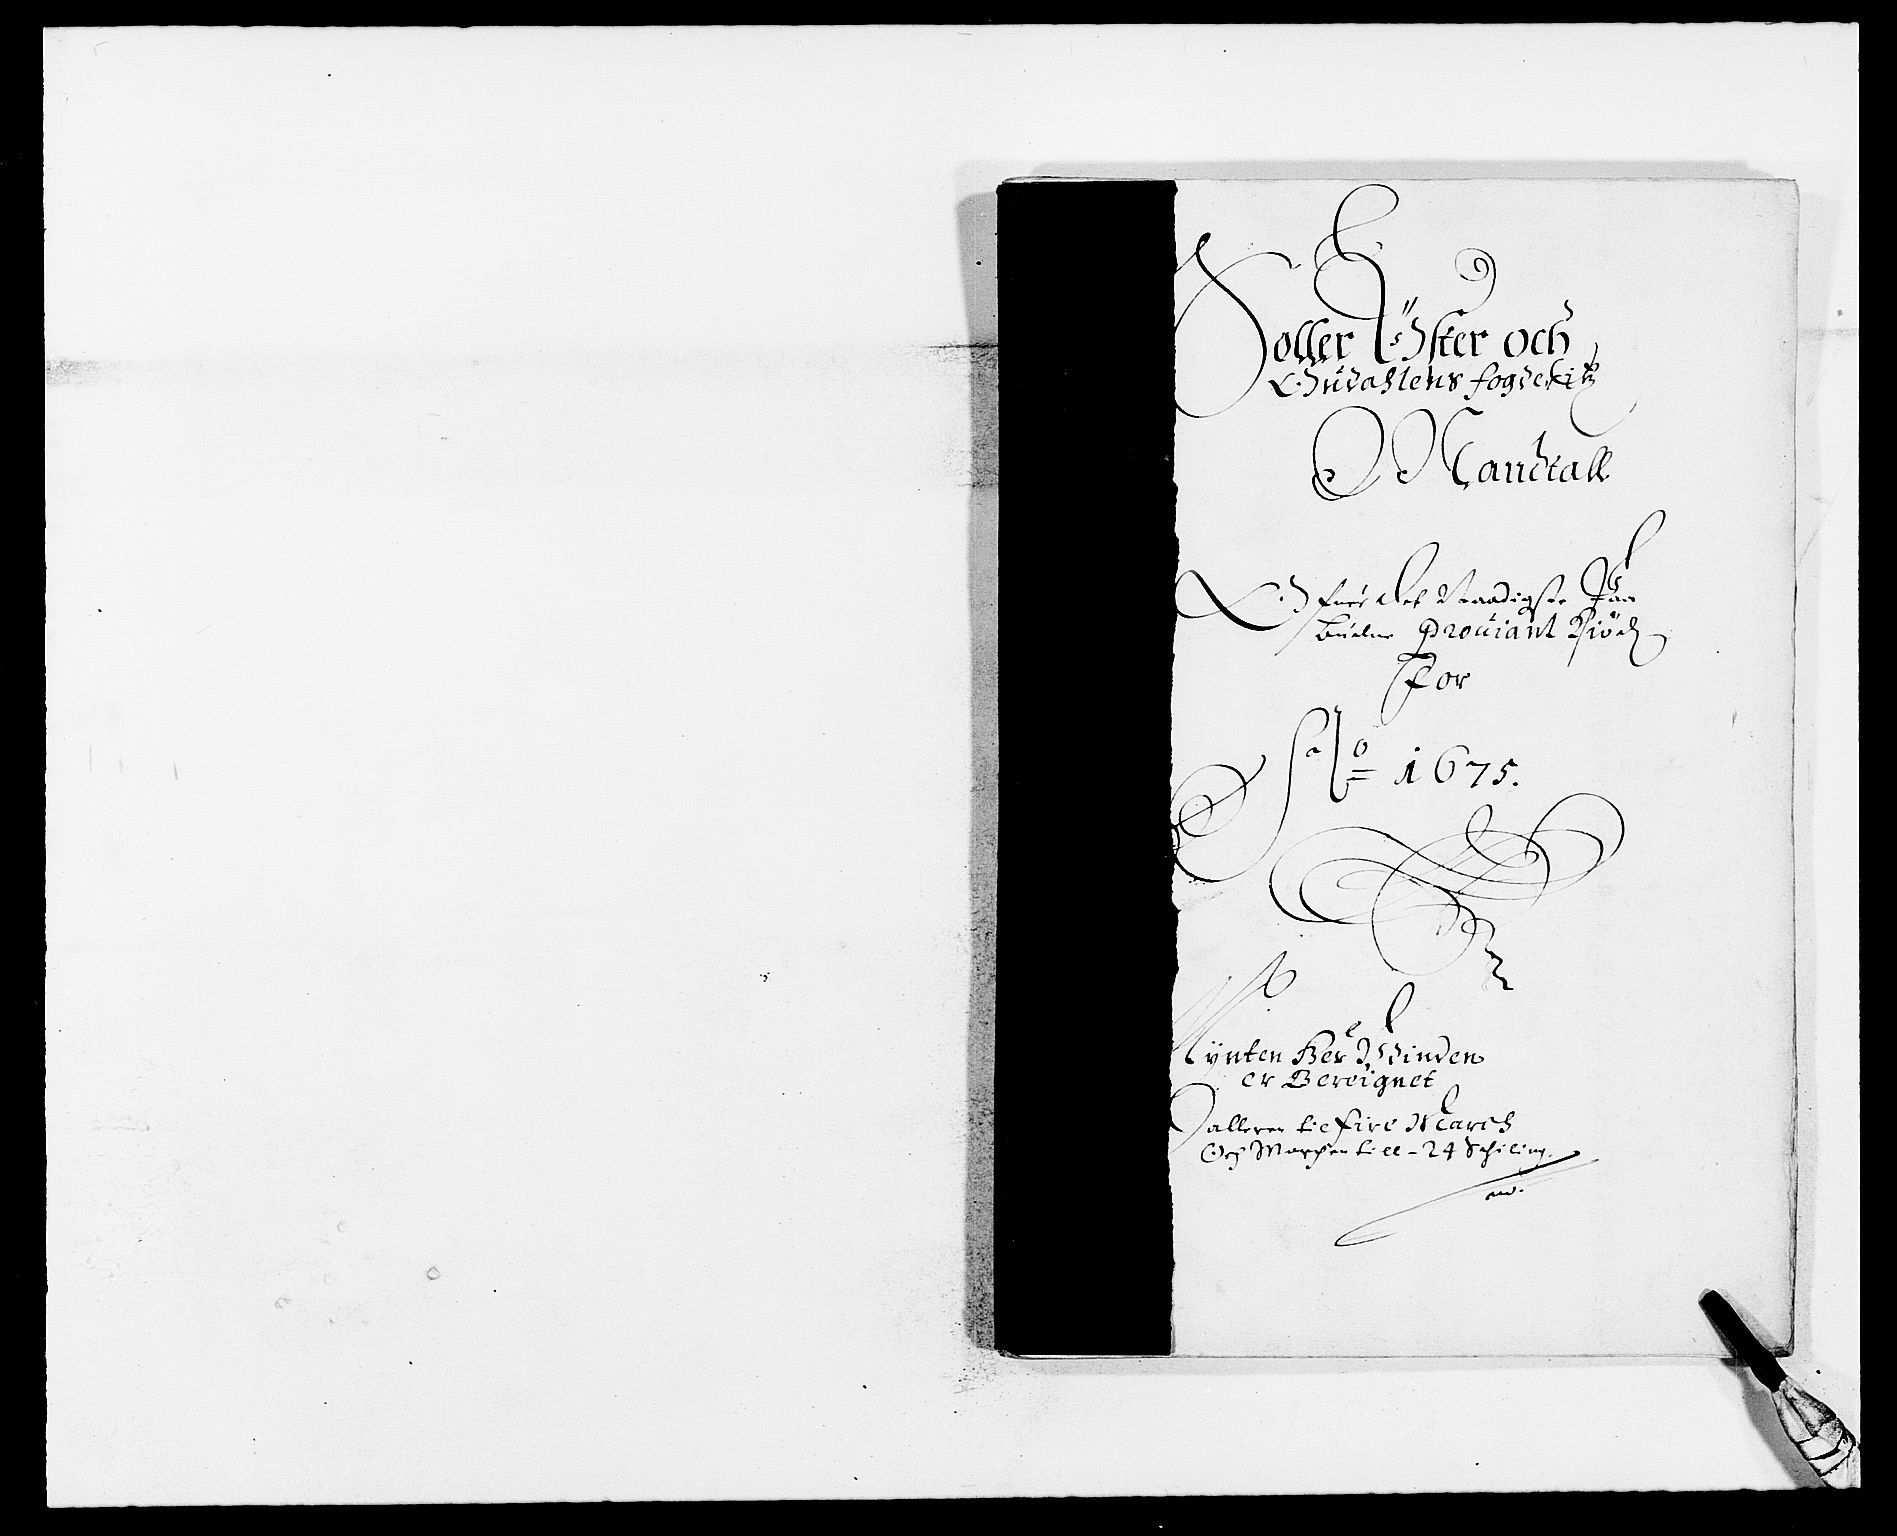 RA, Rentekammeret inntil 1814, Reviderte regnskaper, Fogderegnskap, R13/L0809: Fogderegnskap Solør, Odal og Østerdal, 1675, s. 421